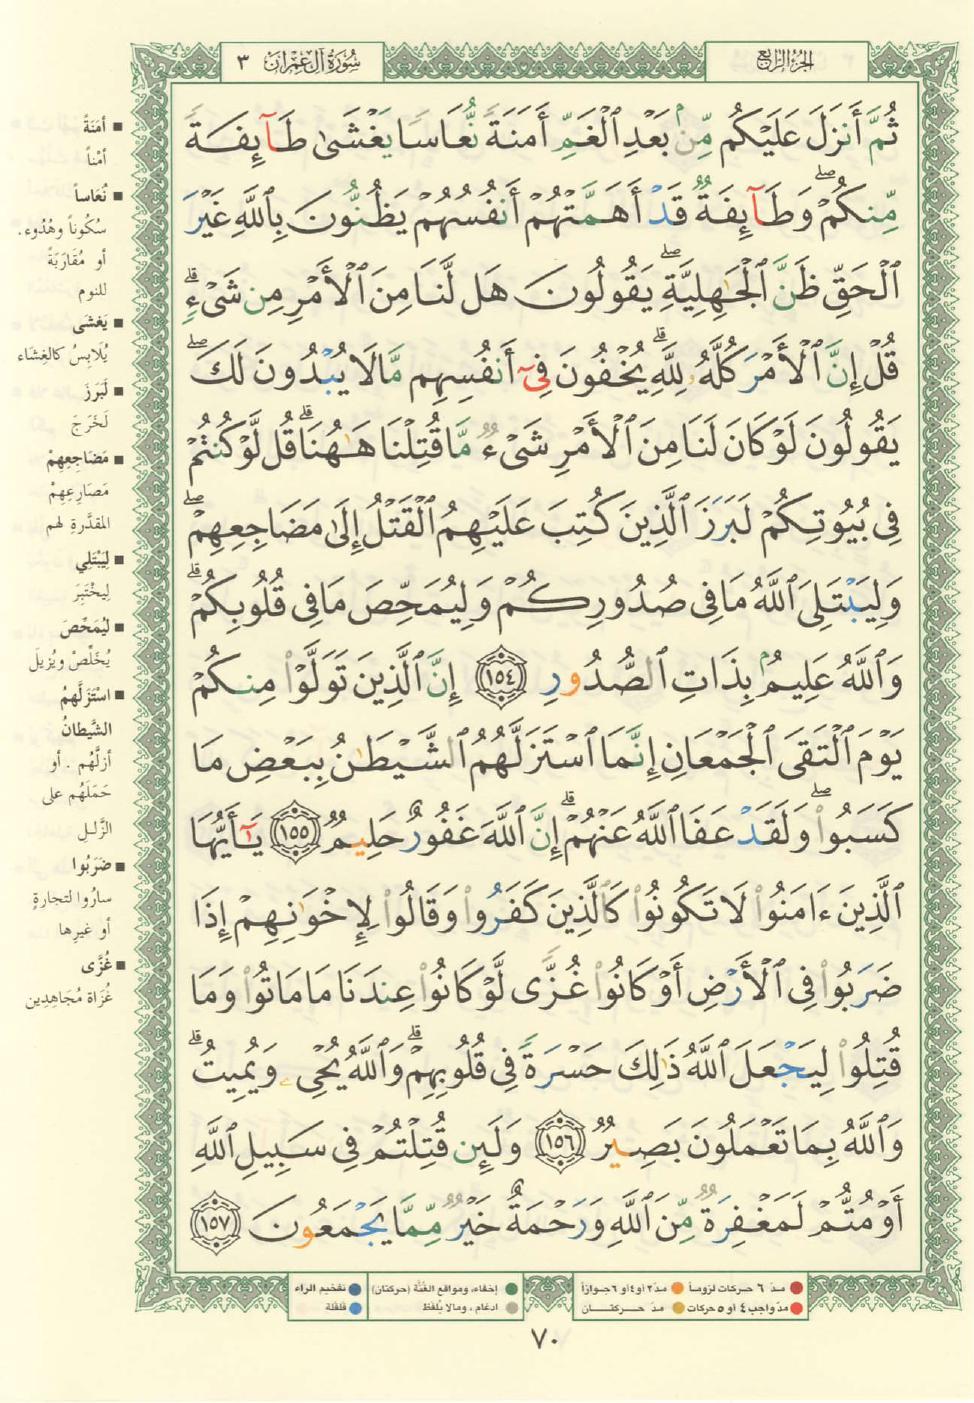 3. سورة آل عمران - Al-Imran مصورة من المصحف الشريف Quran_tajwid_000079